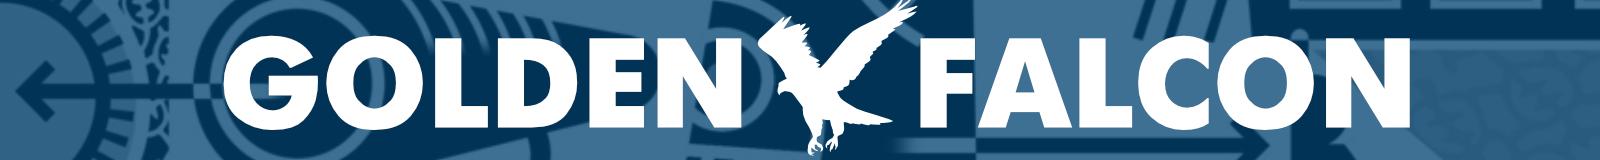 Golden Falcon Top Banner